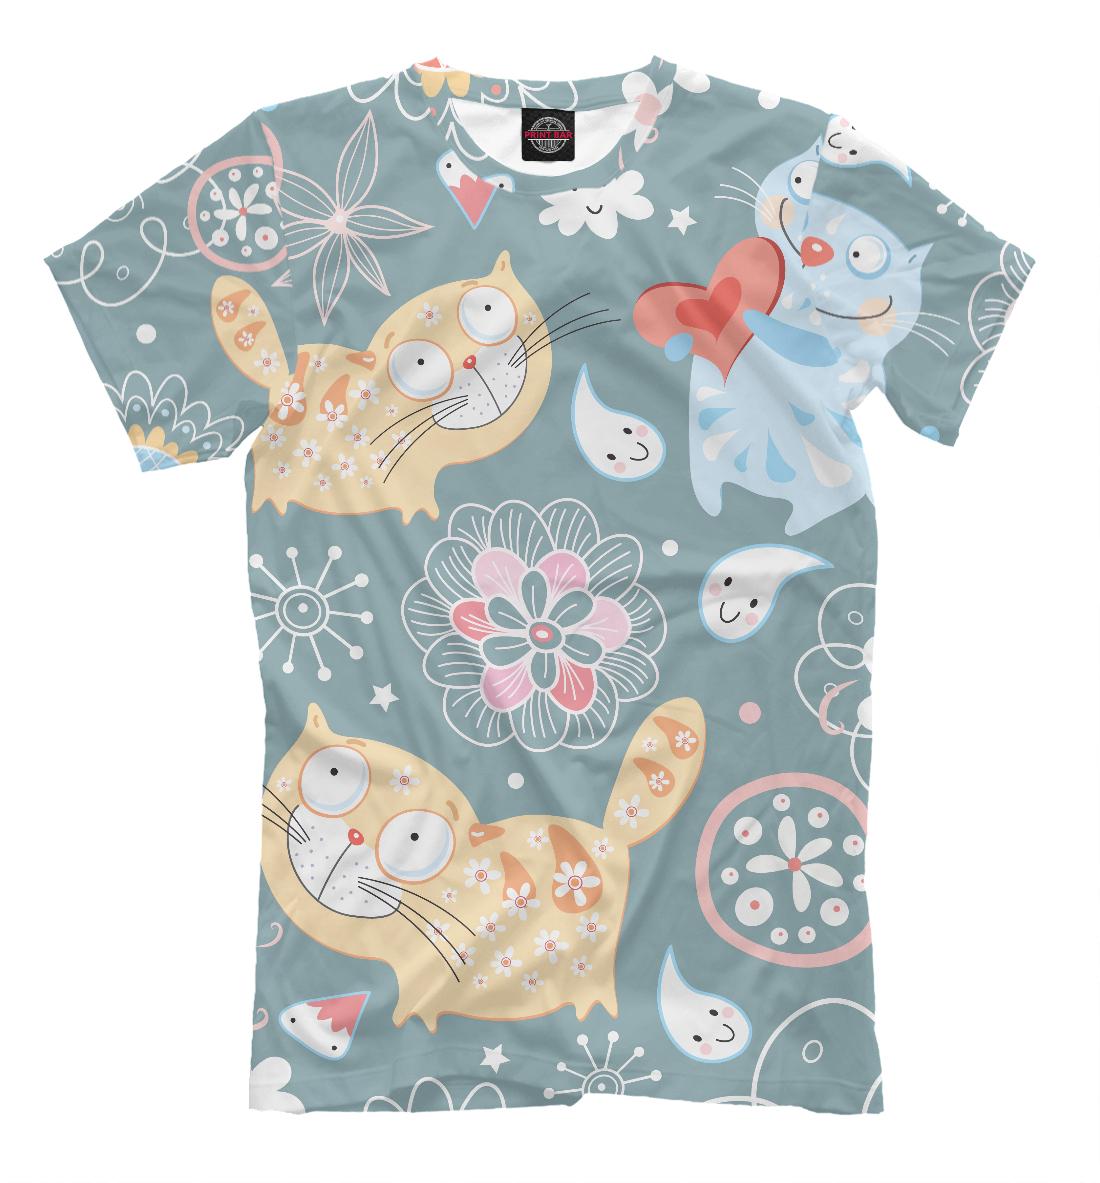 Купить Милые котики, Printbar, Футболки, CAT-342824-fut-2